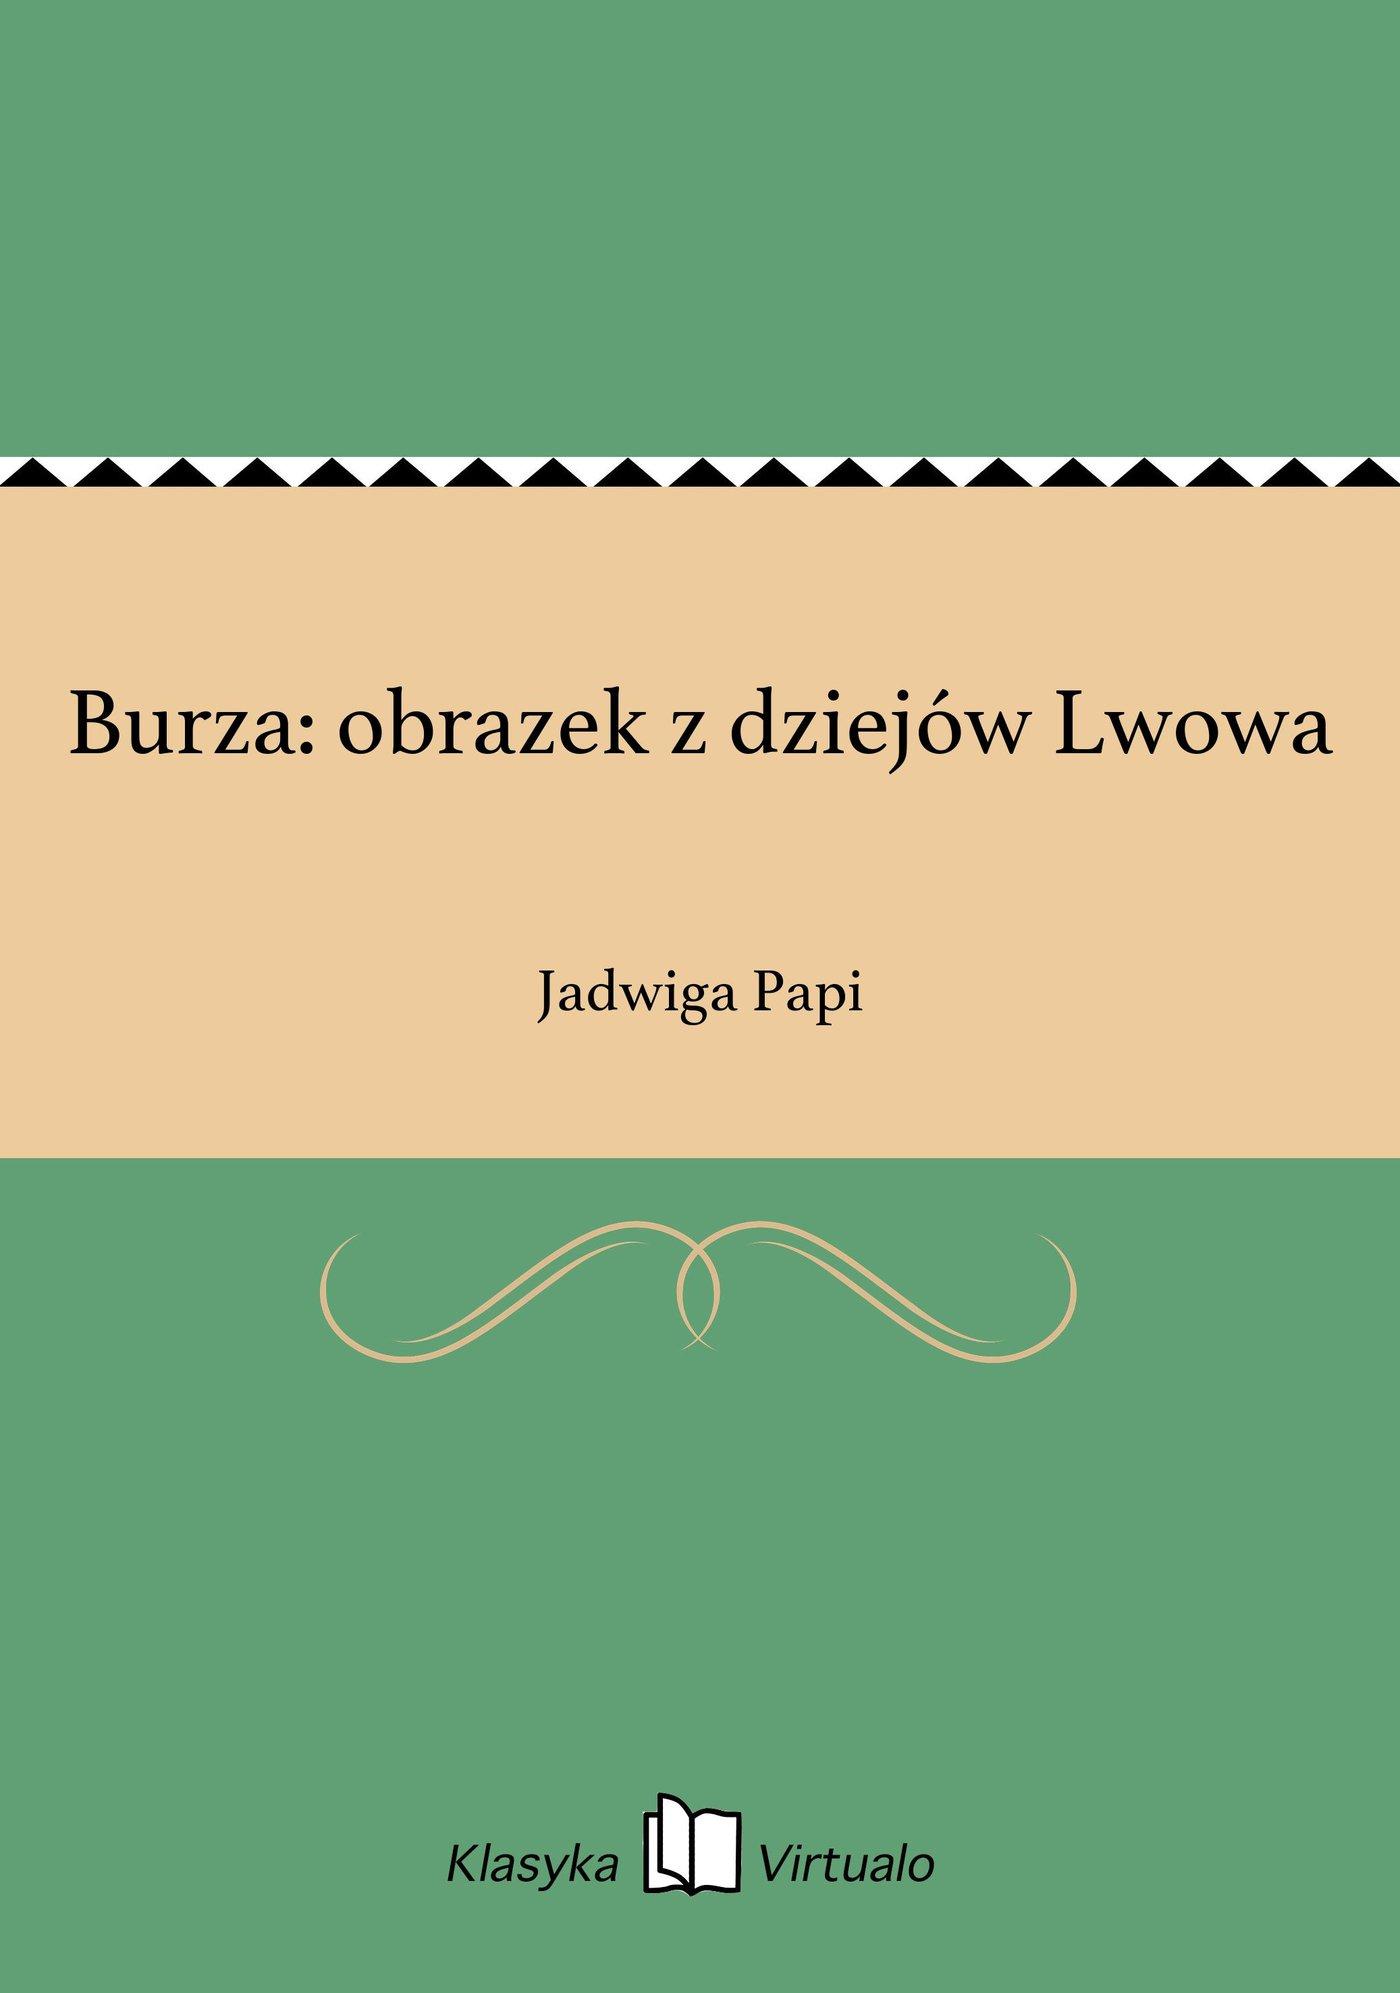 Burza: obrazek z dziejów Lwowa - Ebook (Książka na Kindle) do pobrania w formacie MOBI